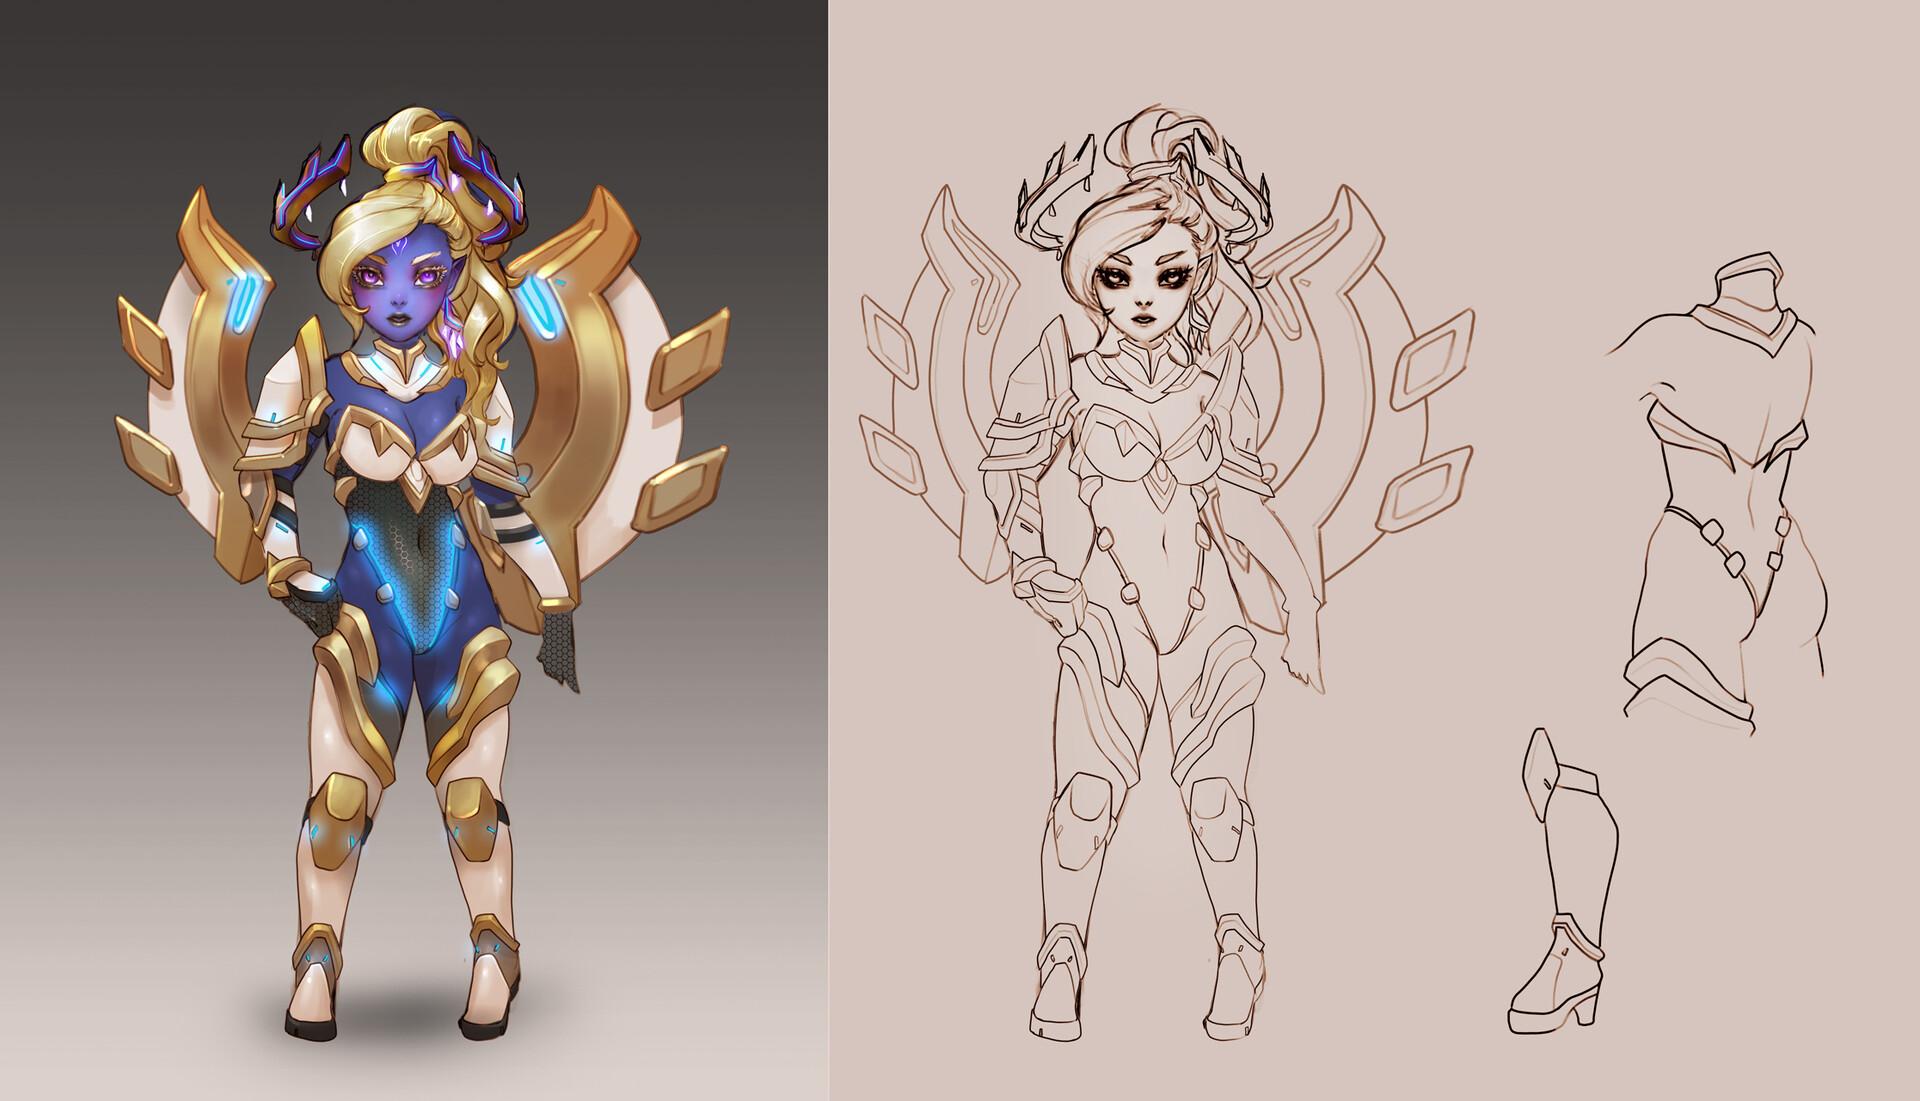 Дизайнер персонажей Subverse опубликовал концепт-арты принцессы Совалин Малиана